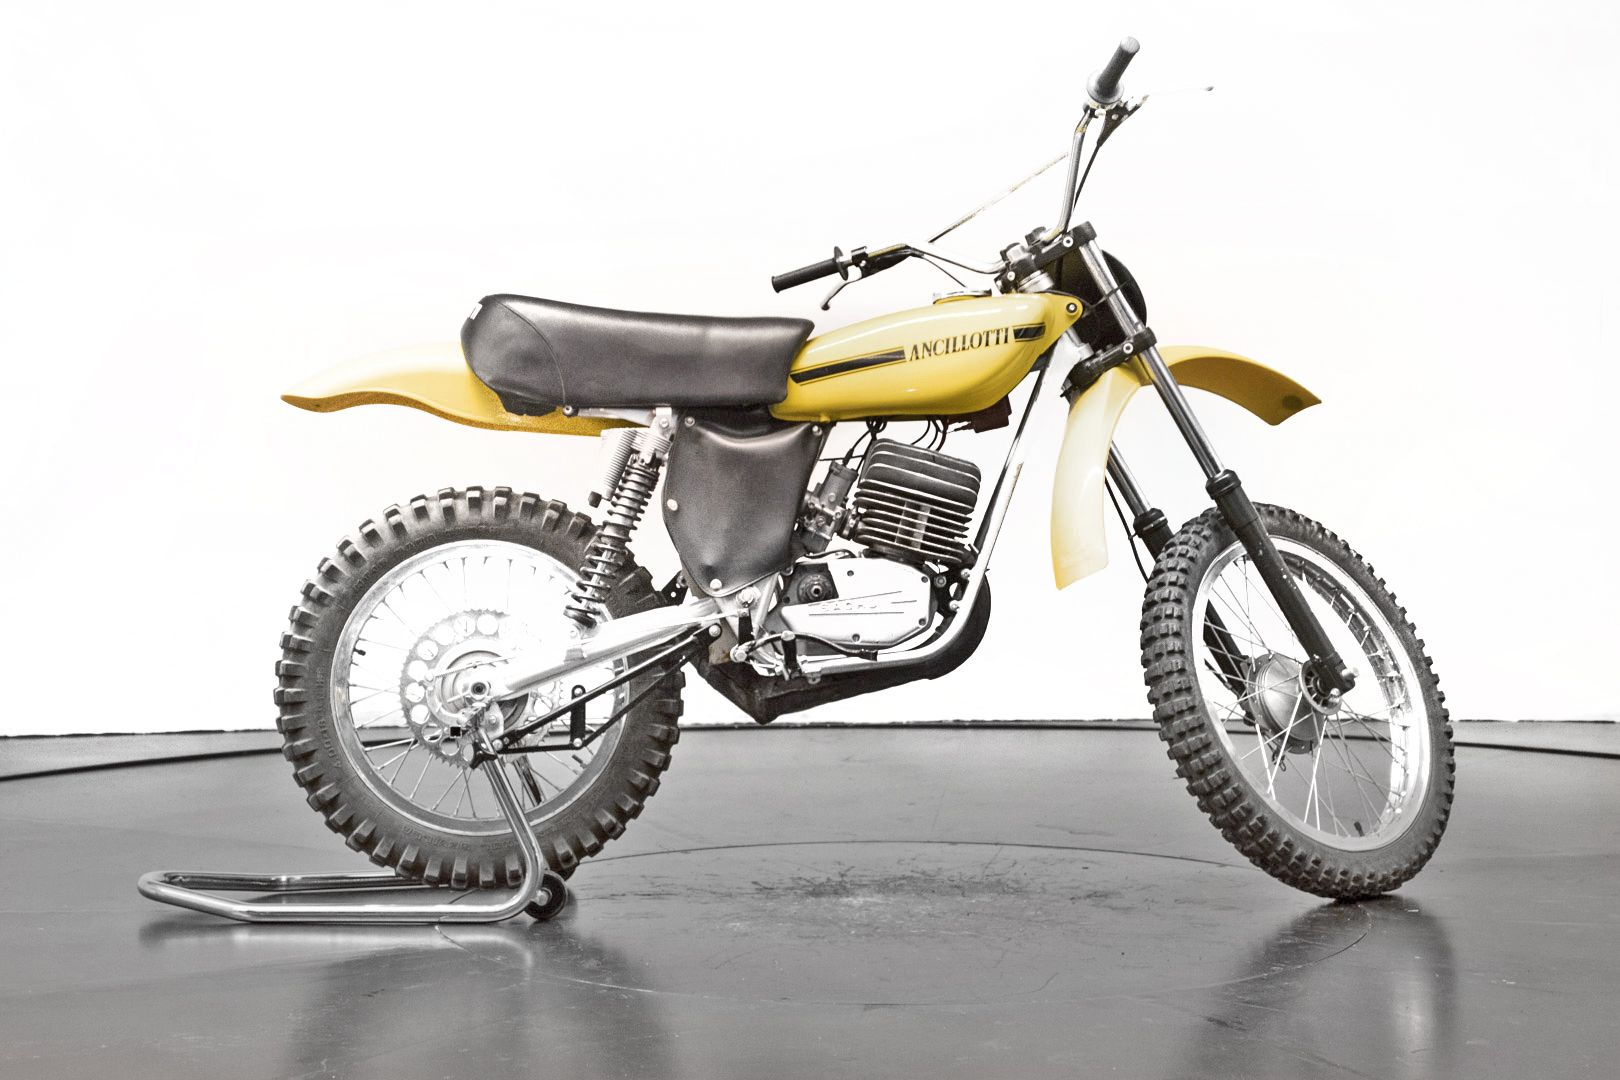 1978 Ancillotti 125 74227